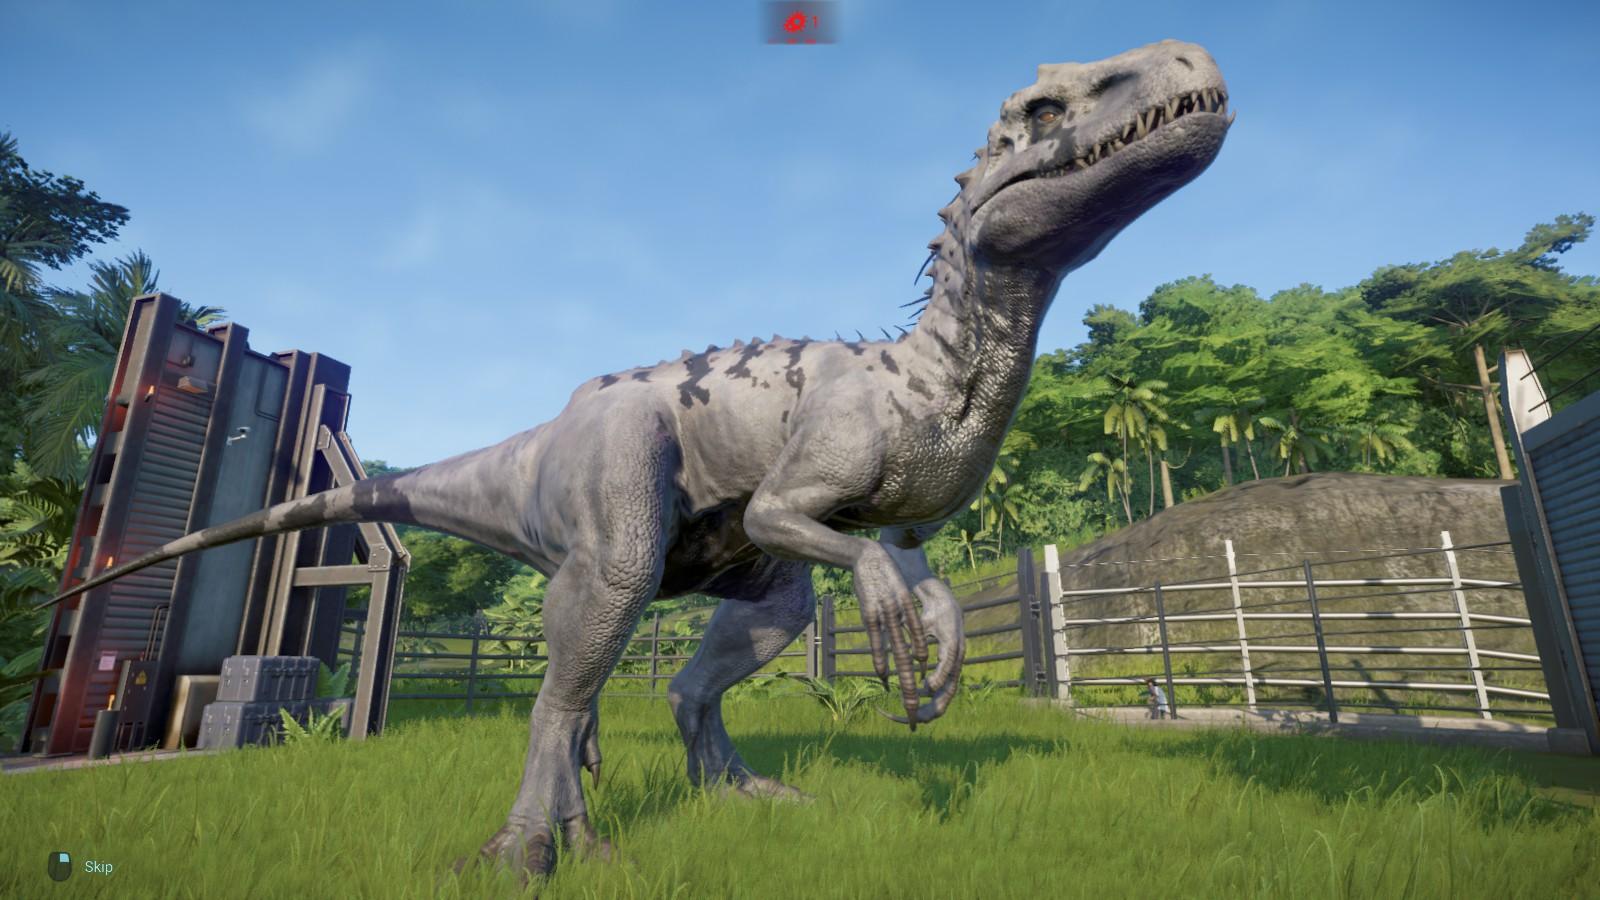 картинки гибридов динозавров из мира юрского периода сада, создание дорожек